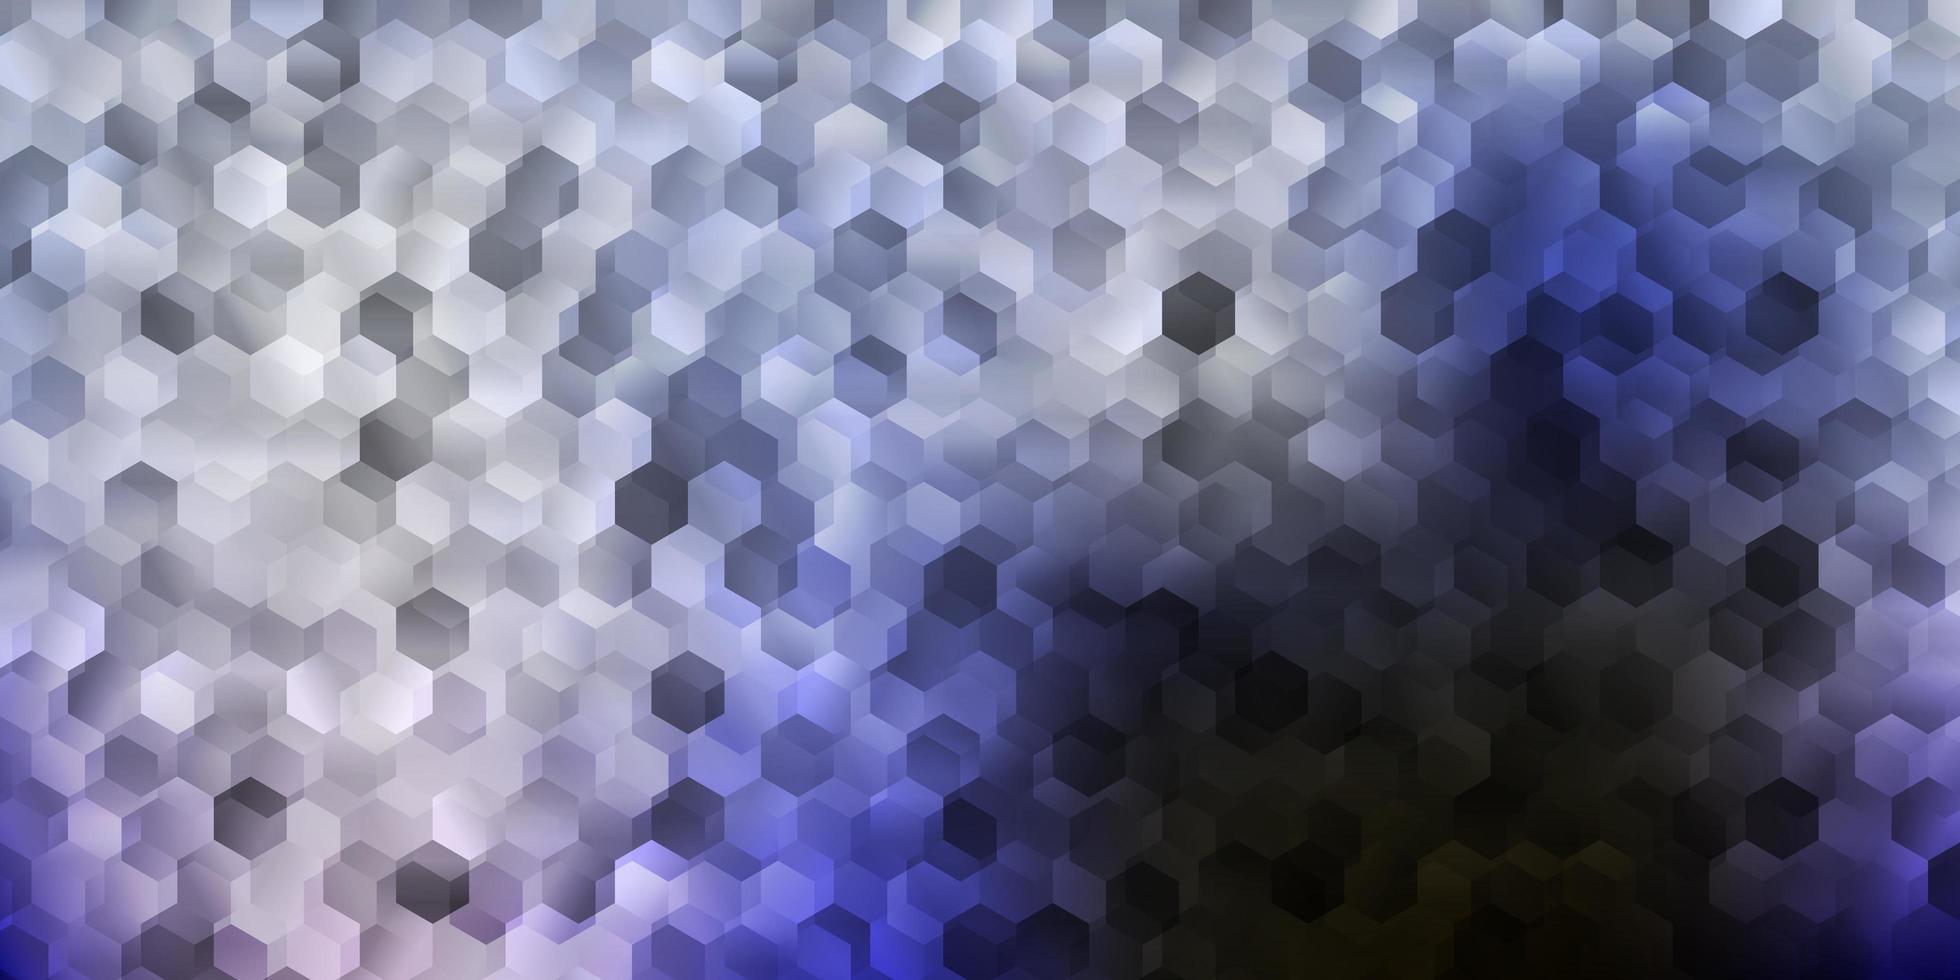 textura azul con formas geométricas. vector